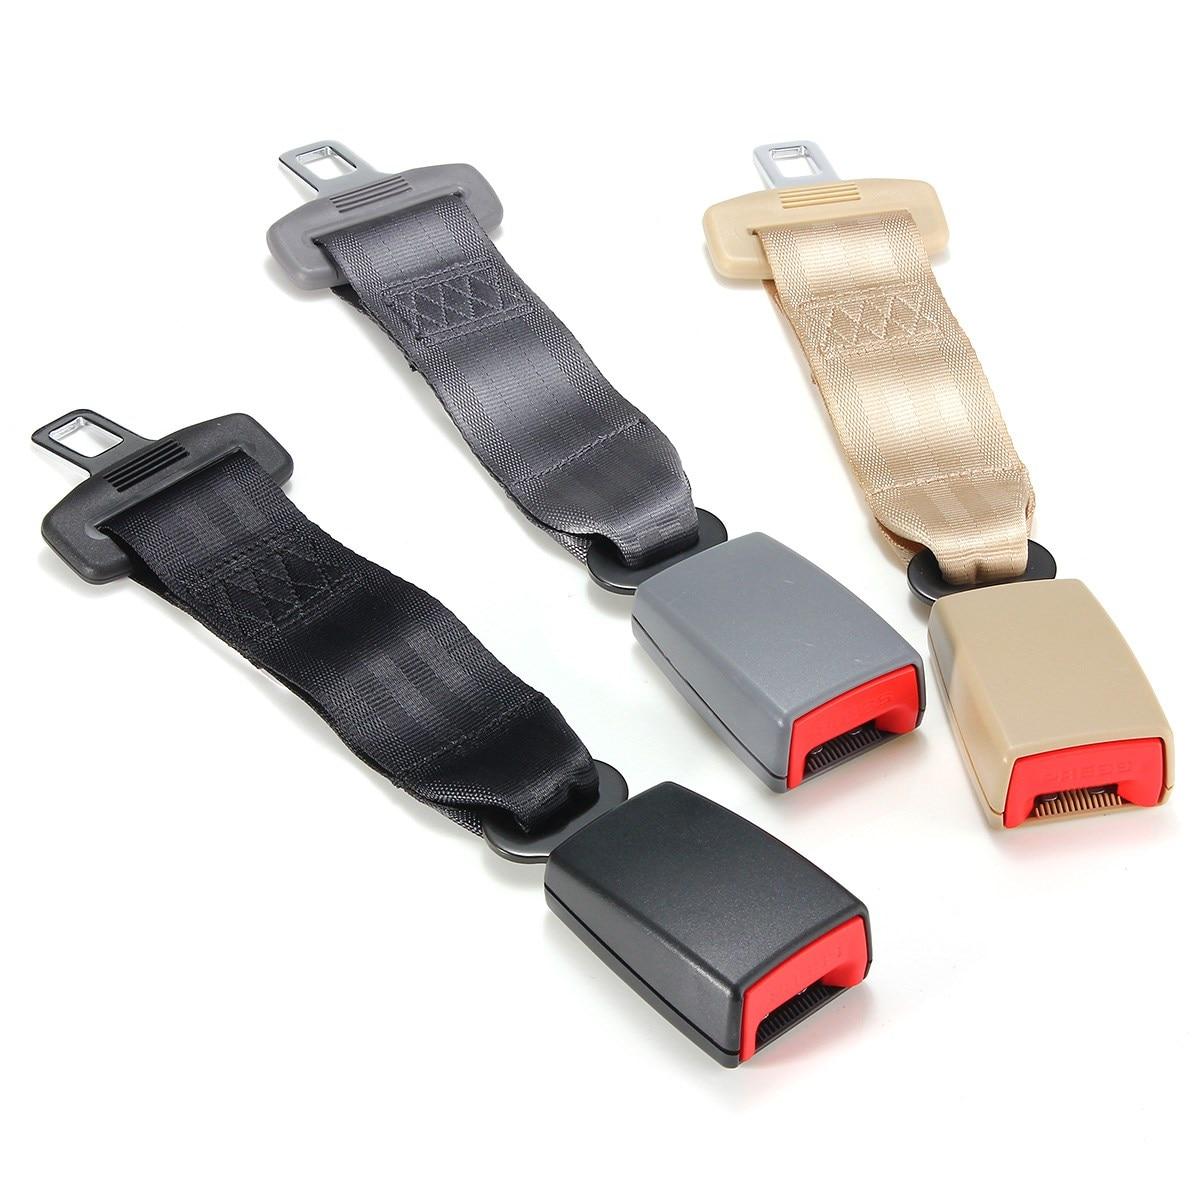 Universal 30 cm 12 pouces Voiture Seat Ceinture de Sécurité Ceinture de Sécurité Extender Extension 2.1 cm Boucle Noir Gris Beige Adapte Plus véhicules